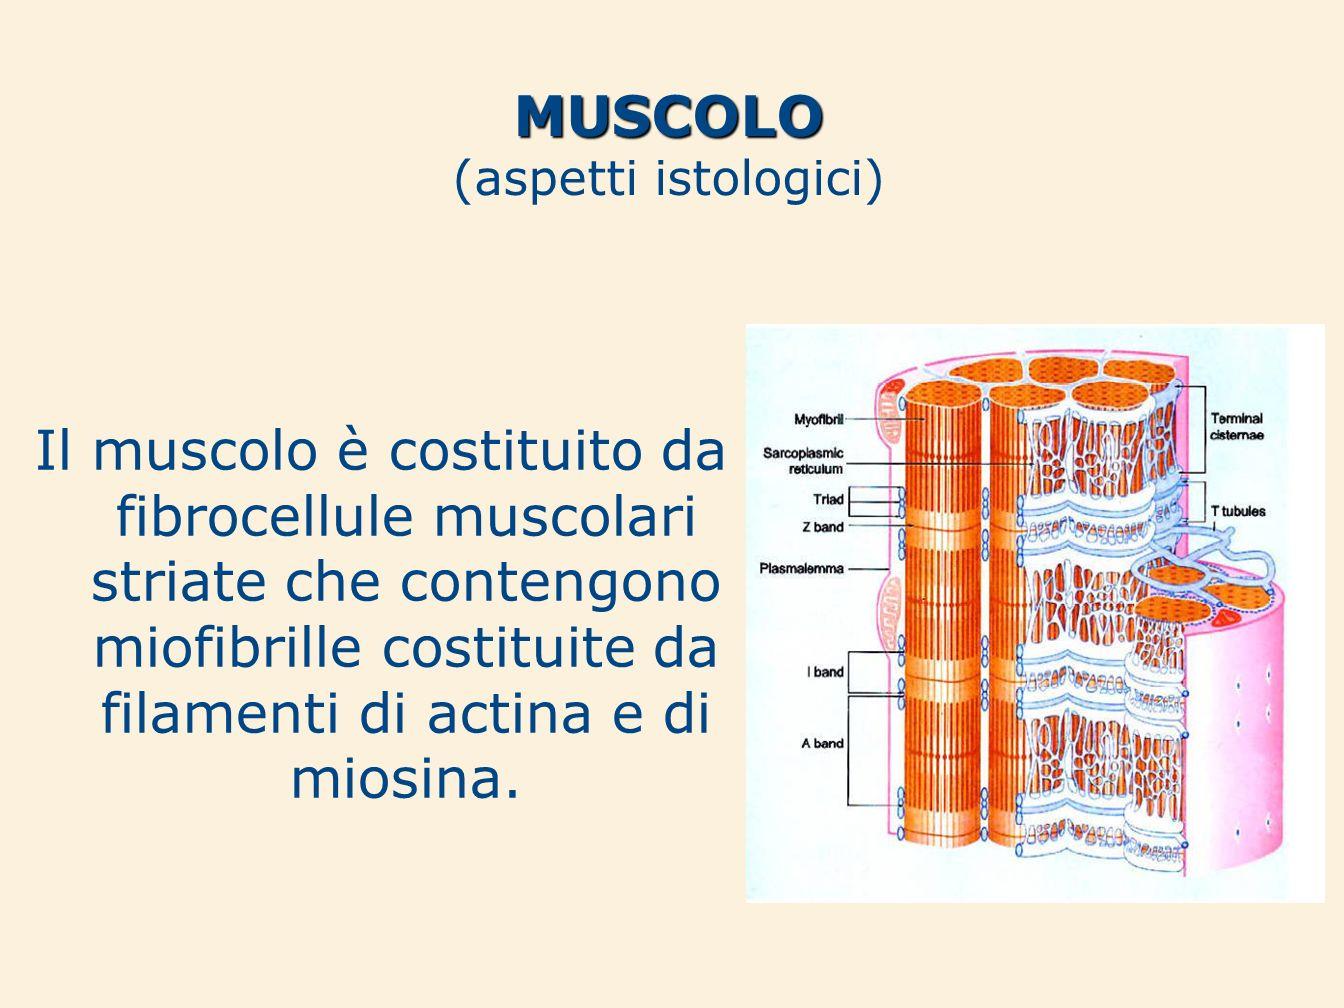 Il muscolo è costituito da fibrocellule muscolari striate che contengono miofibrille costituite da filamenti di actina e di miosina. MUSCOLO (aspetti